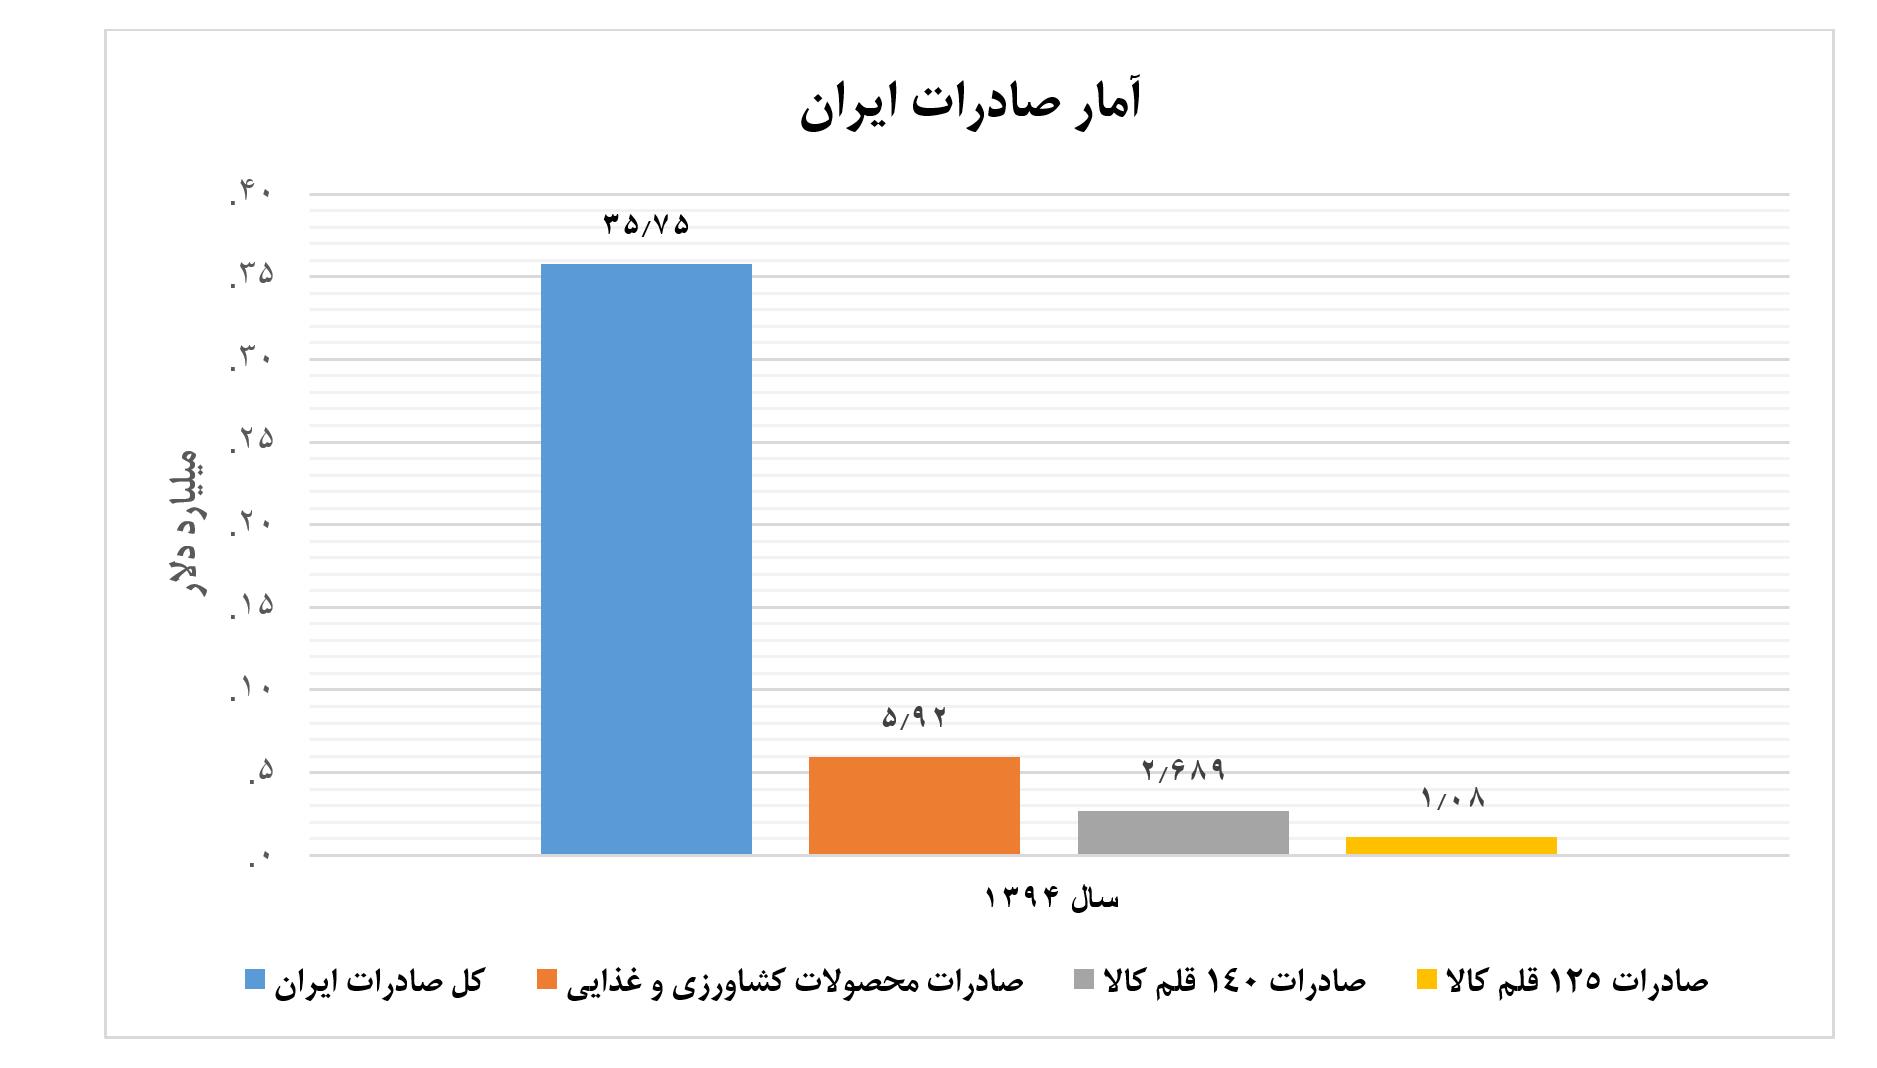 نمودار اول تجارت دوجانبه ایران ترکیه - توافق تجاری دوجانبه میان ایران و ترکیه 3.5 میلیارد دلار ظرفیت دارد